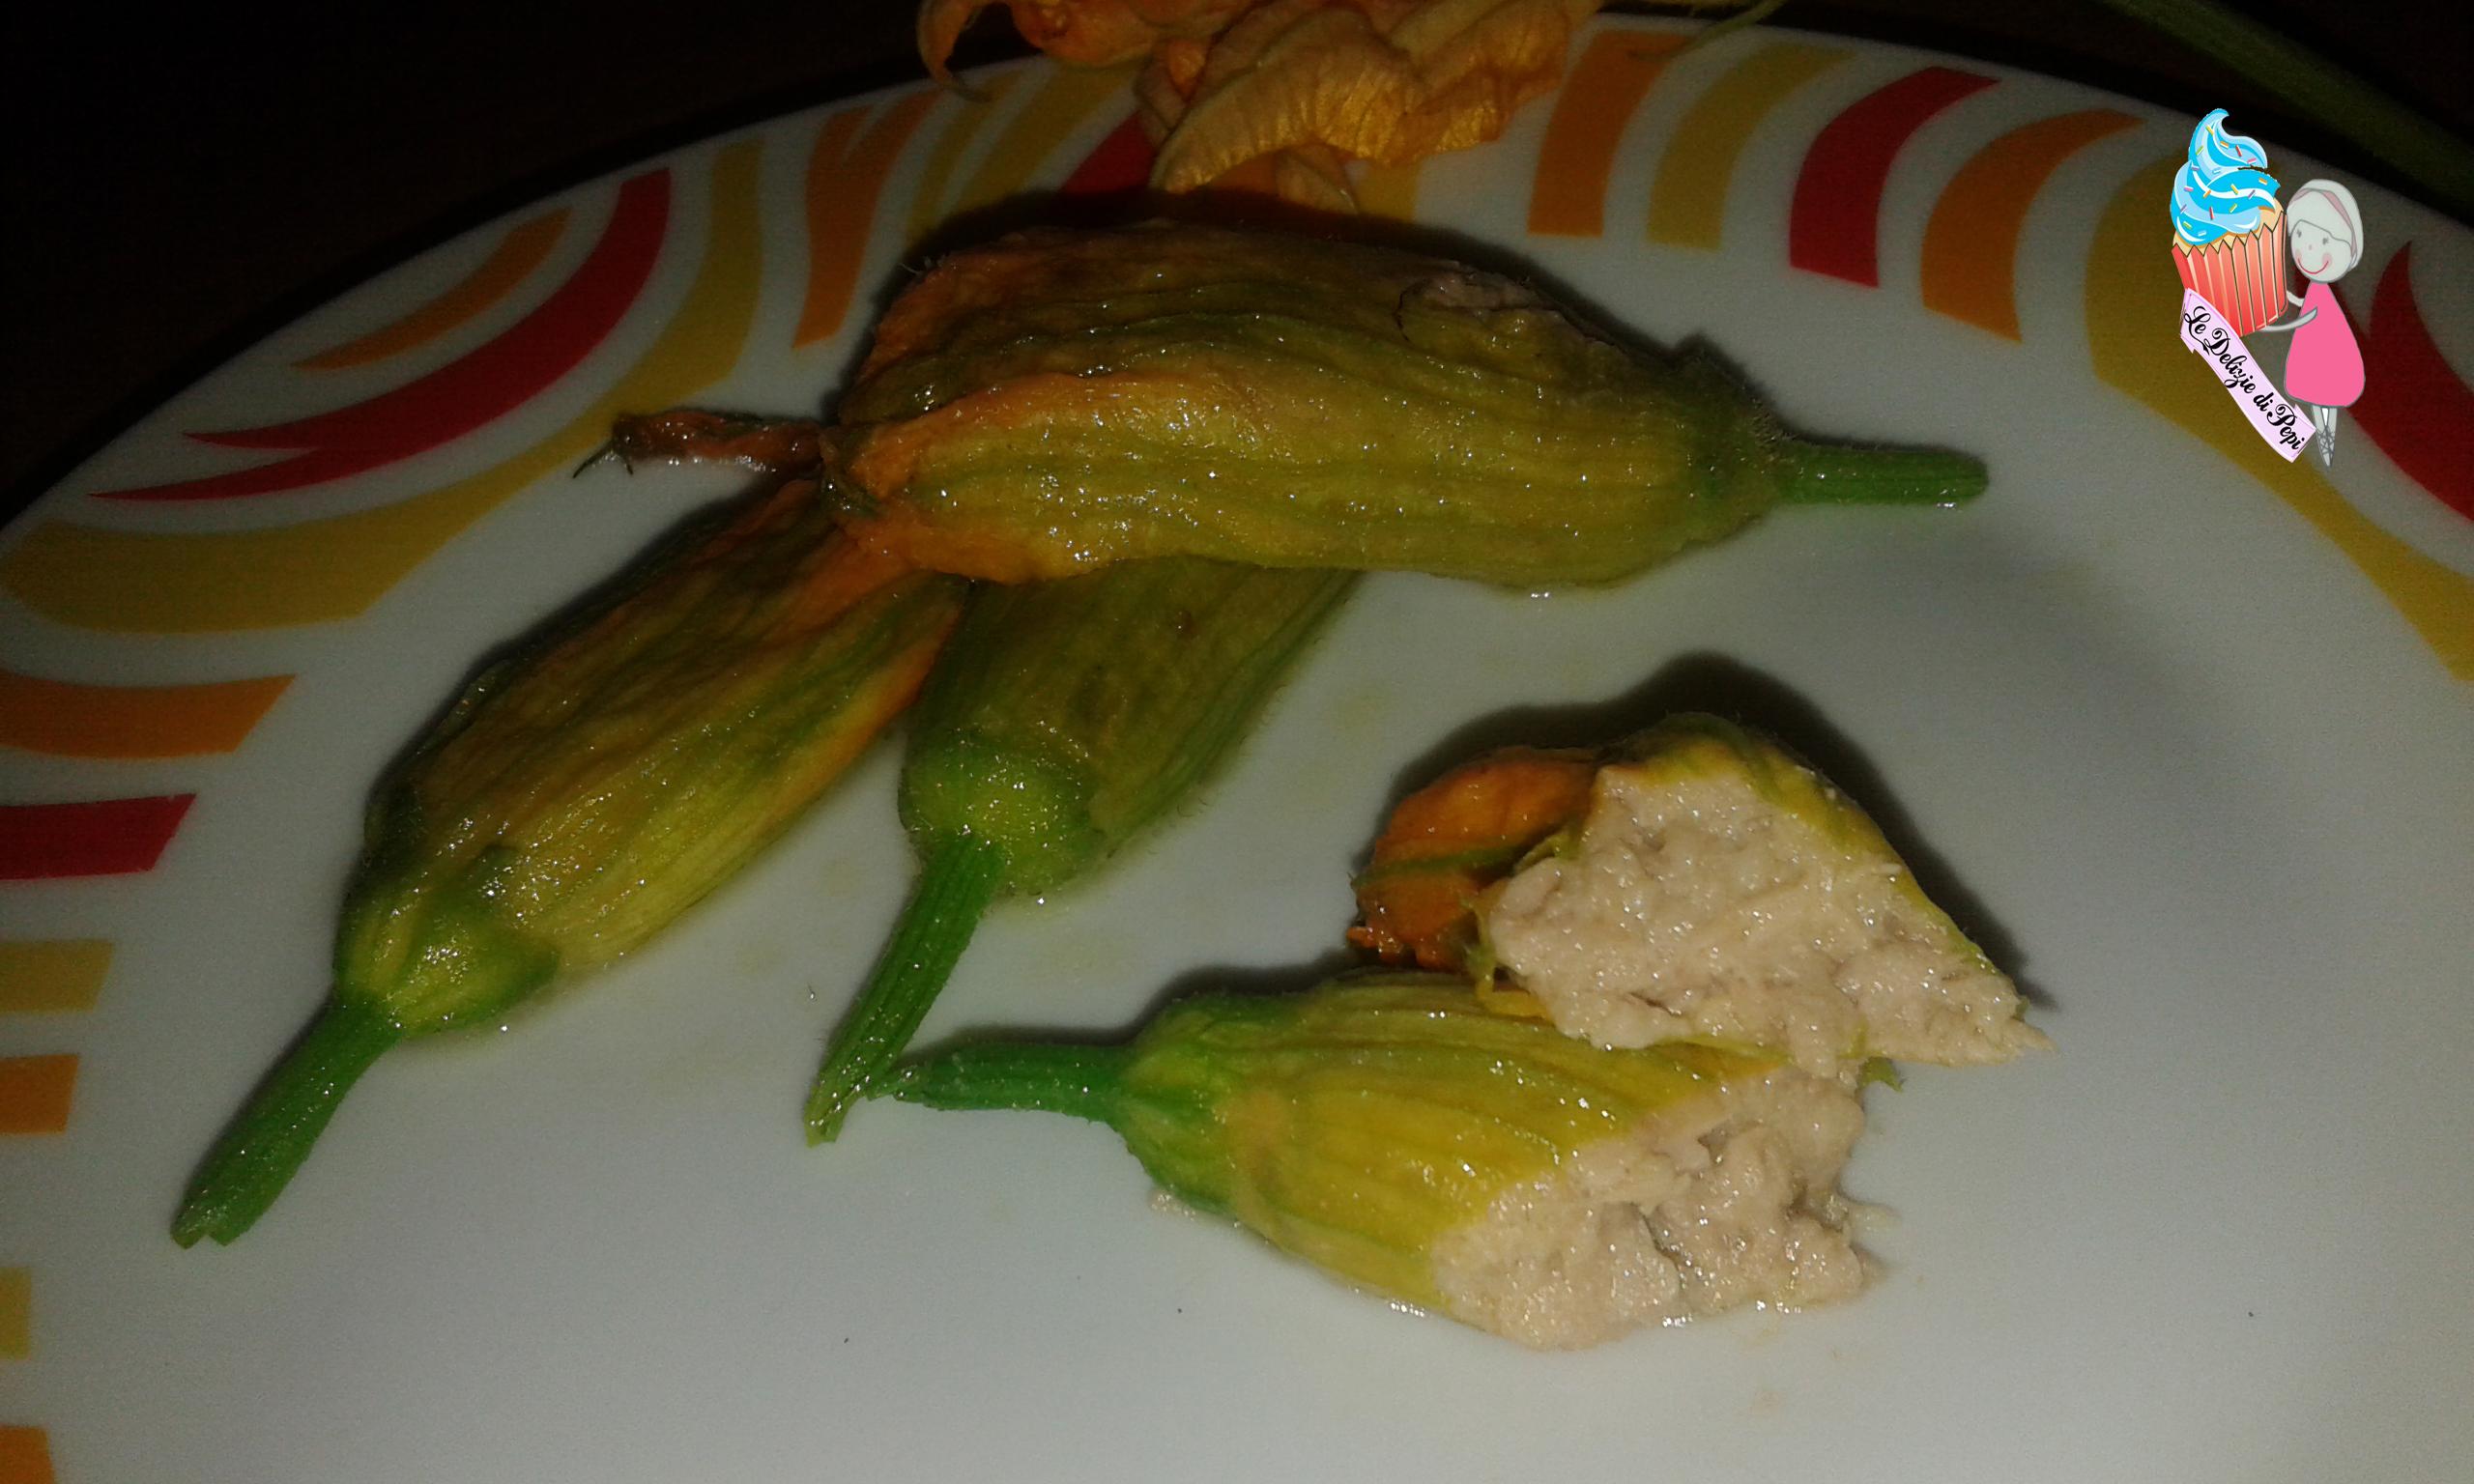 Fiori di zucca ripieni di tonno e mozzarella